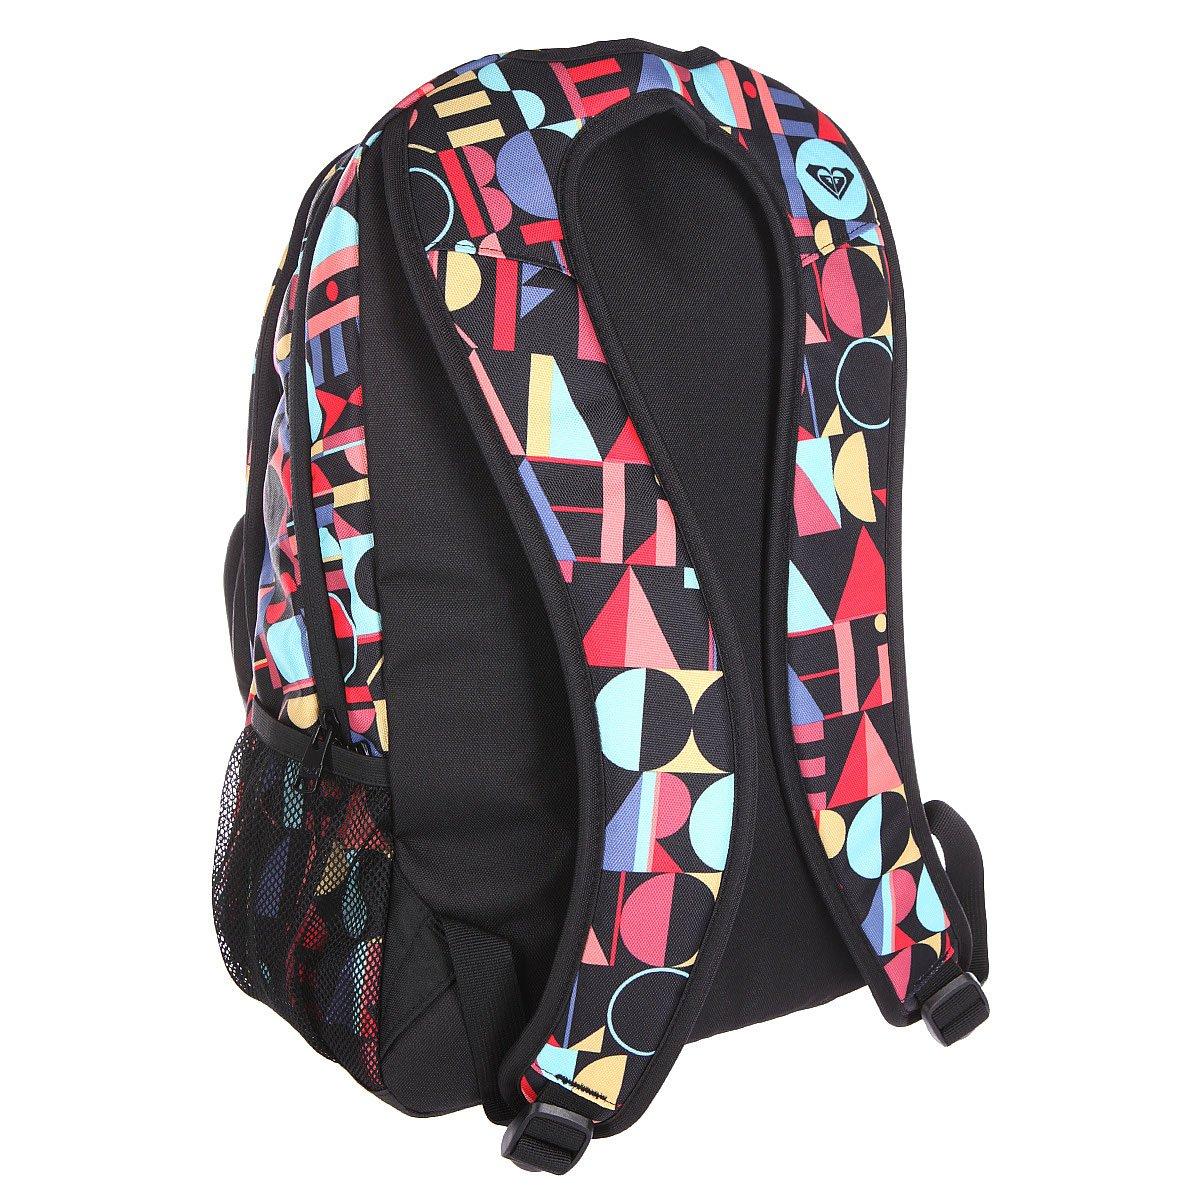 7c1462aaf6c0 Купить рюкзак школьный женский Roxy Shadow Swell Soul Sister Com ...